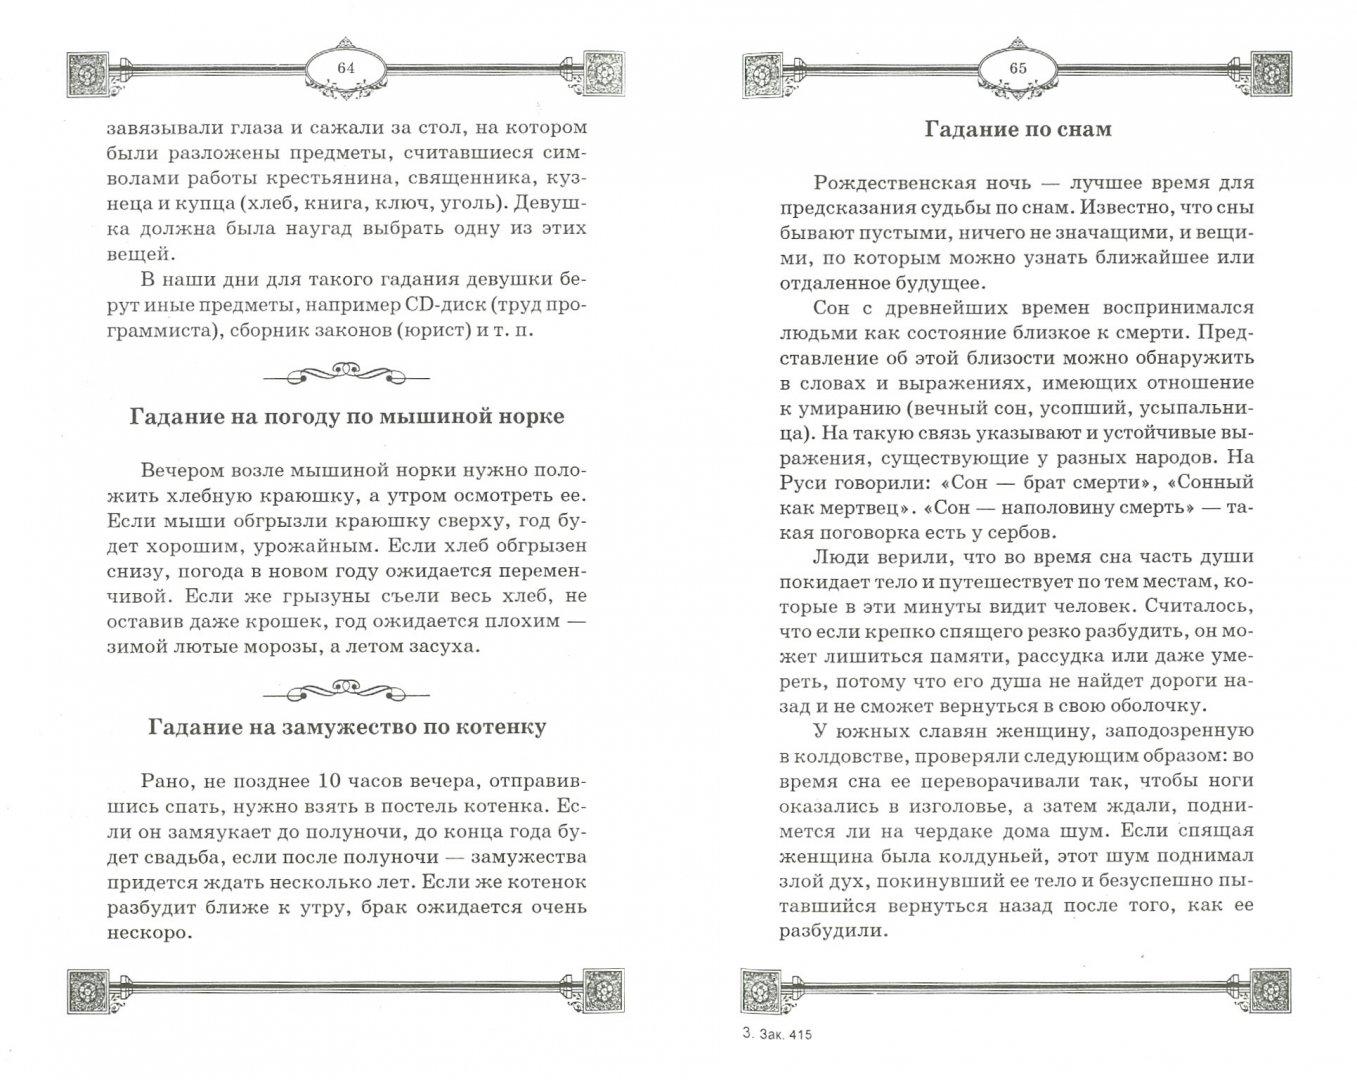 Иллюстрация 1 из 30 для Большая книга славянских гаданий и предсказаний - Ян Дикмар   Лабиринт - книги. Источник: Лабиринт